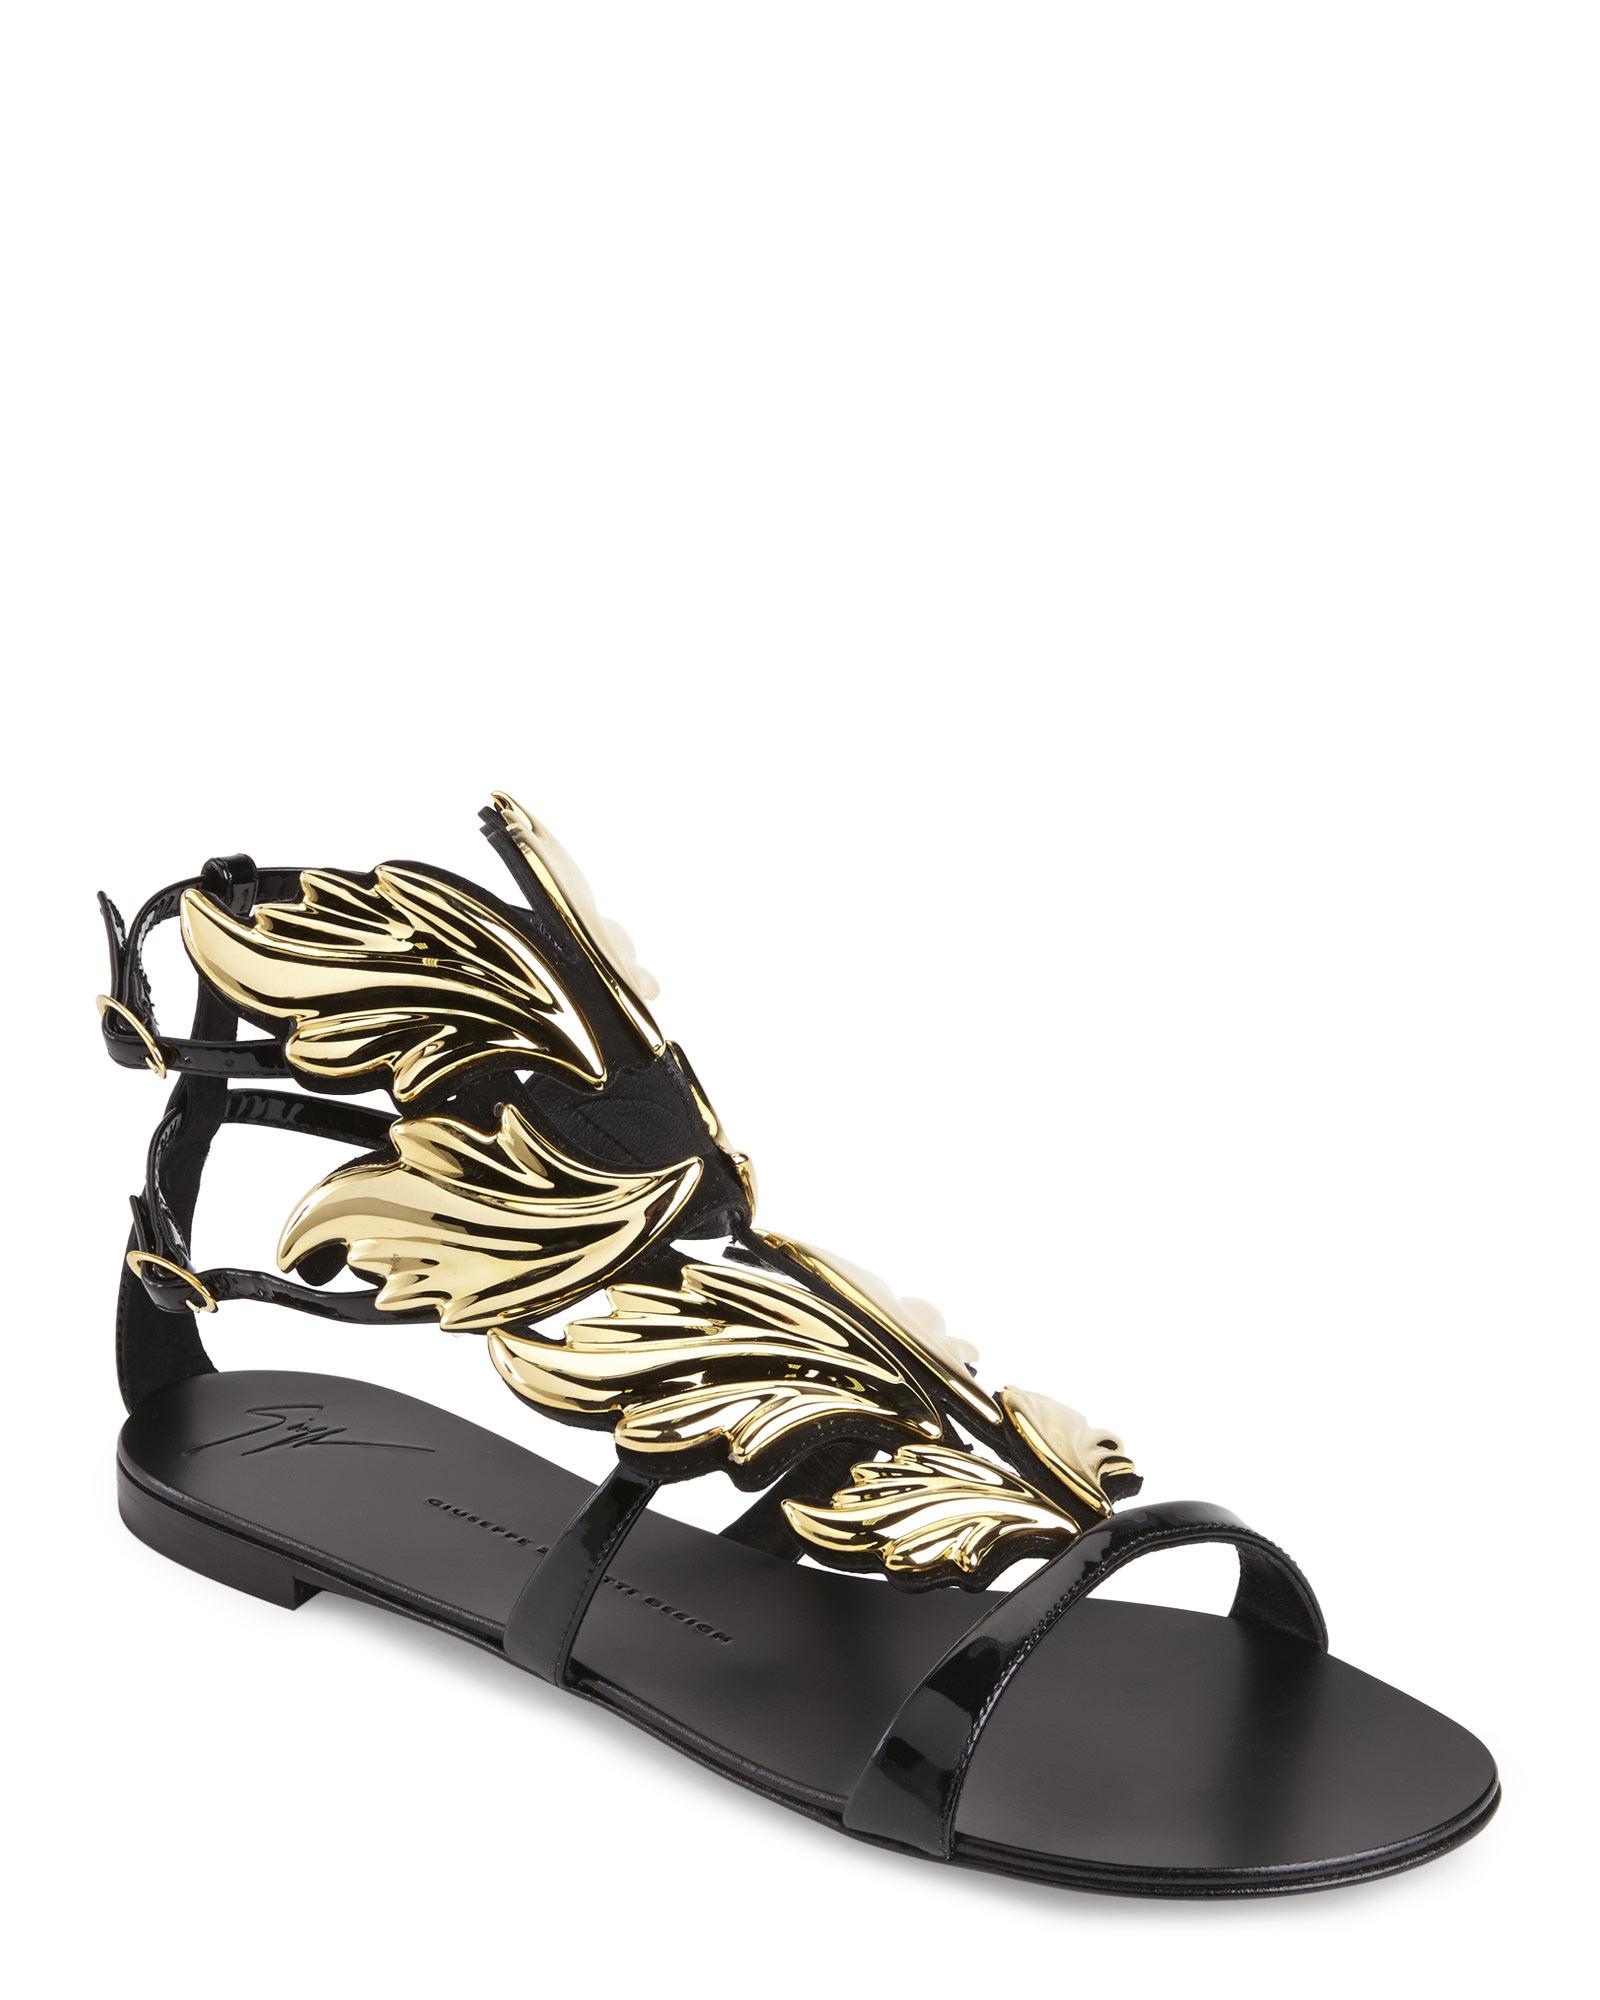 bc8fc916a20a Lyst - Giuseppe Zanotti Black Cruel Flat Sandals in Metallic